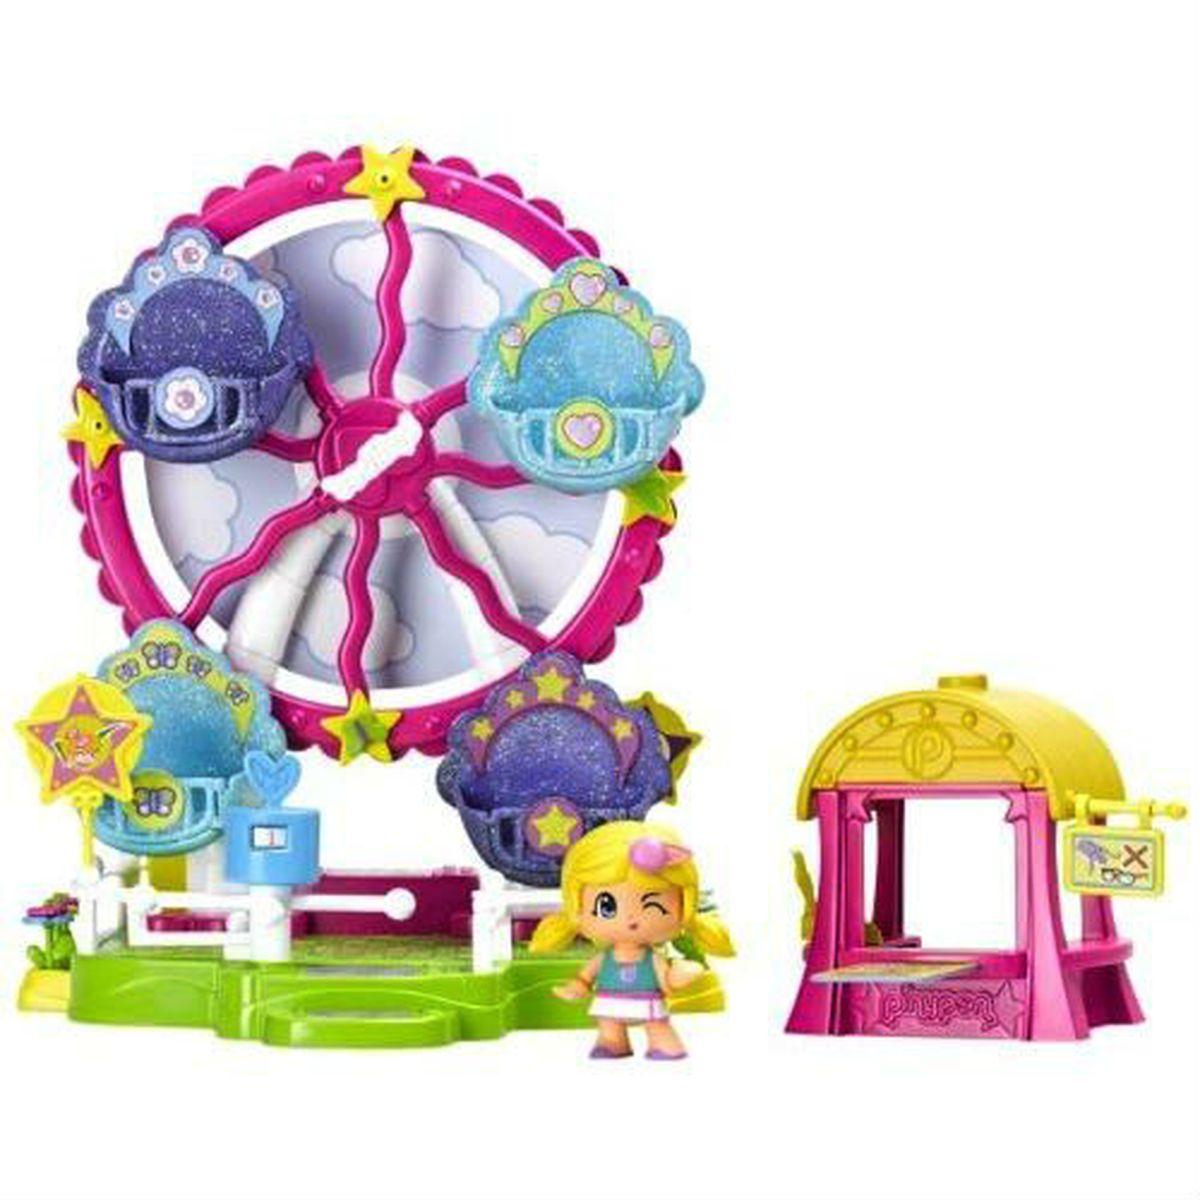 Famosa Игровой набор с куклой Колесо обозрения Пинипон